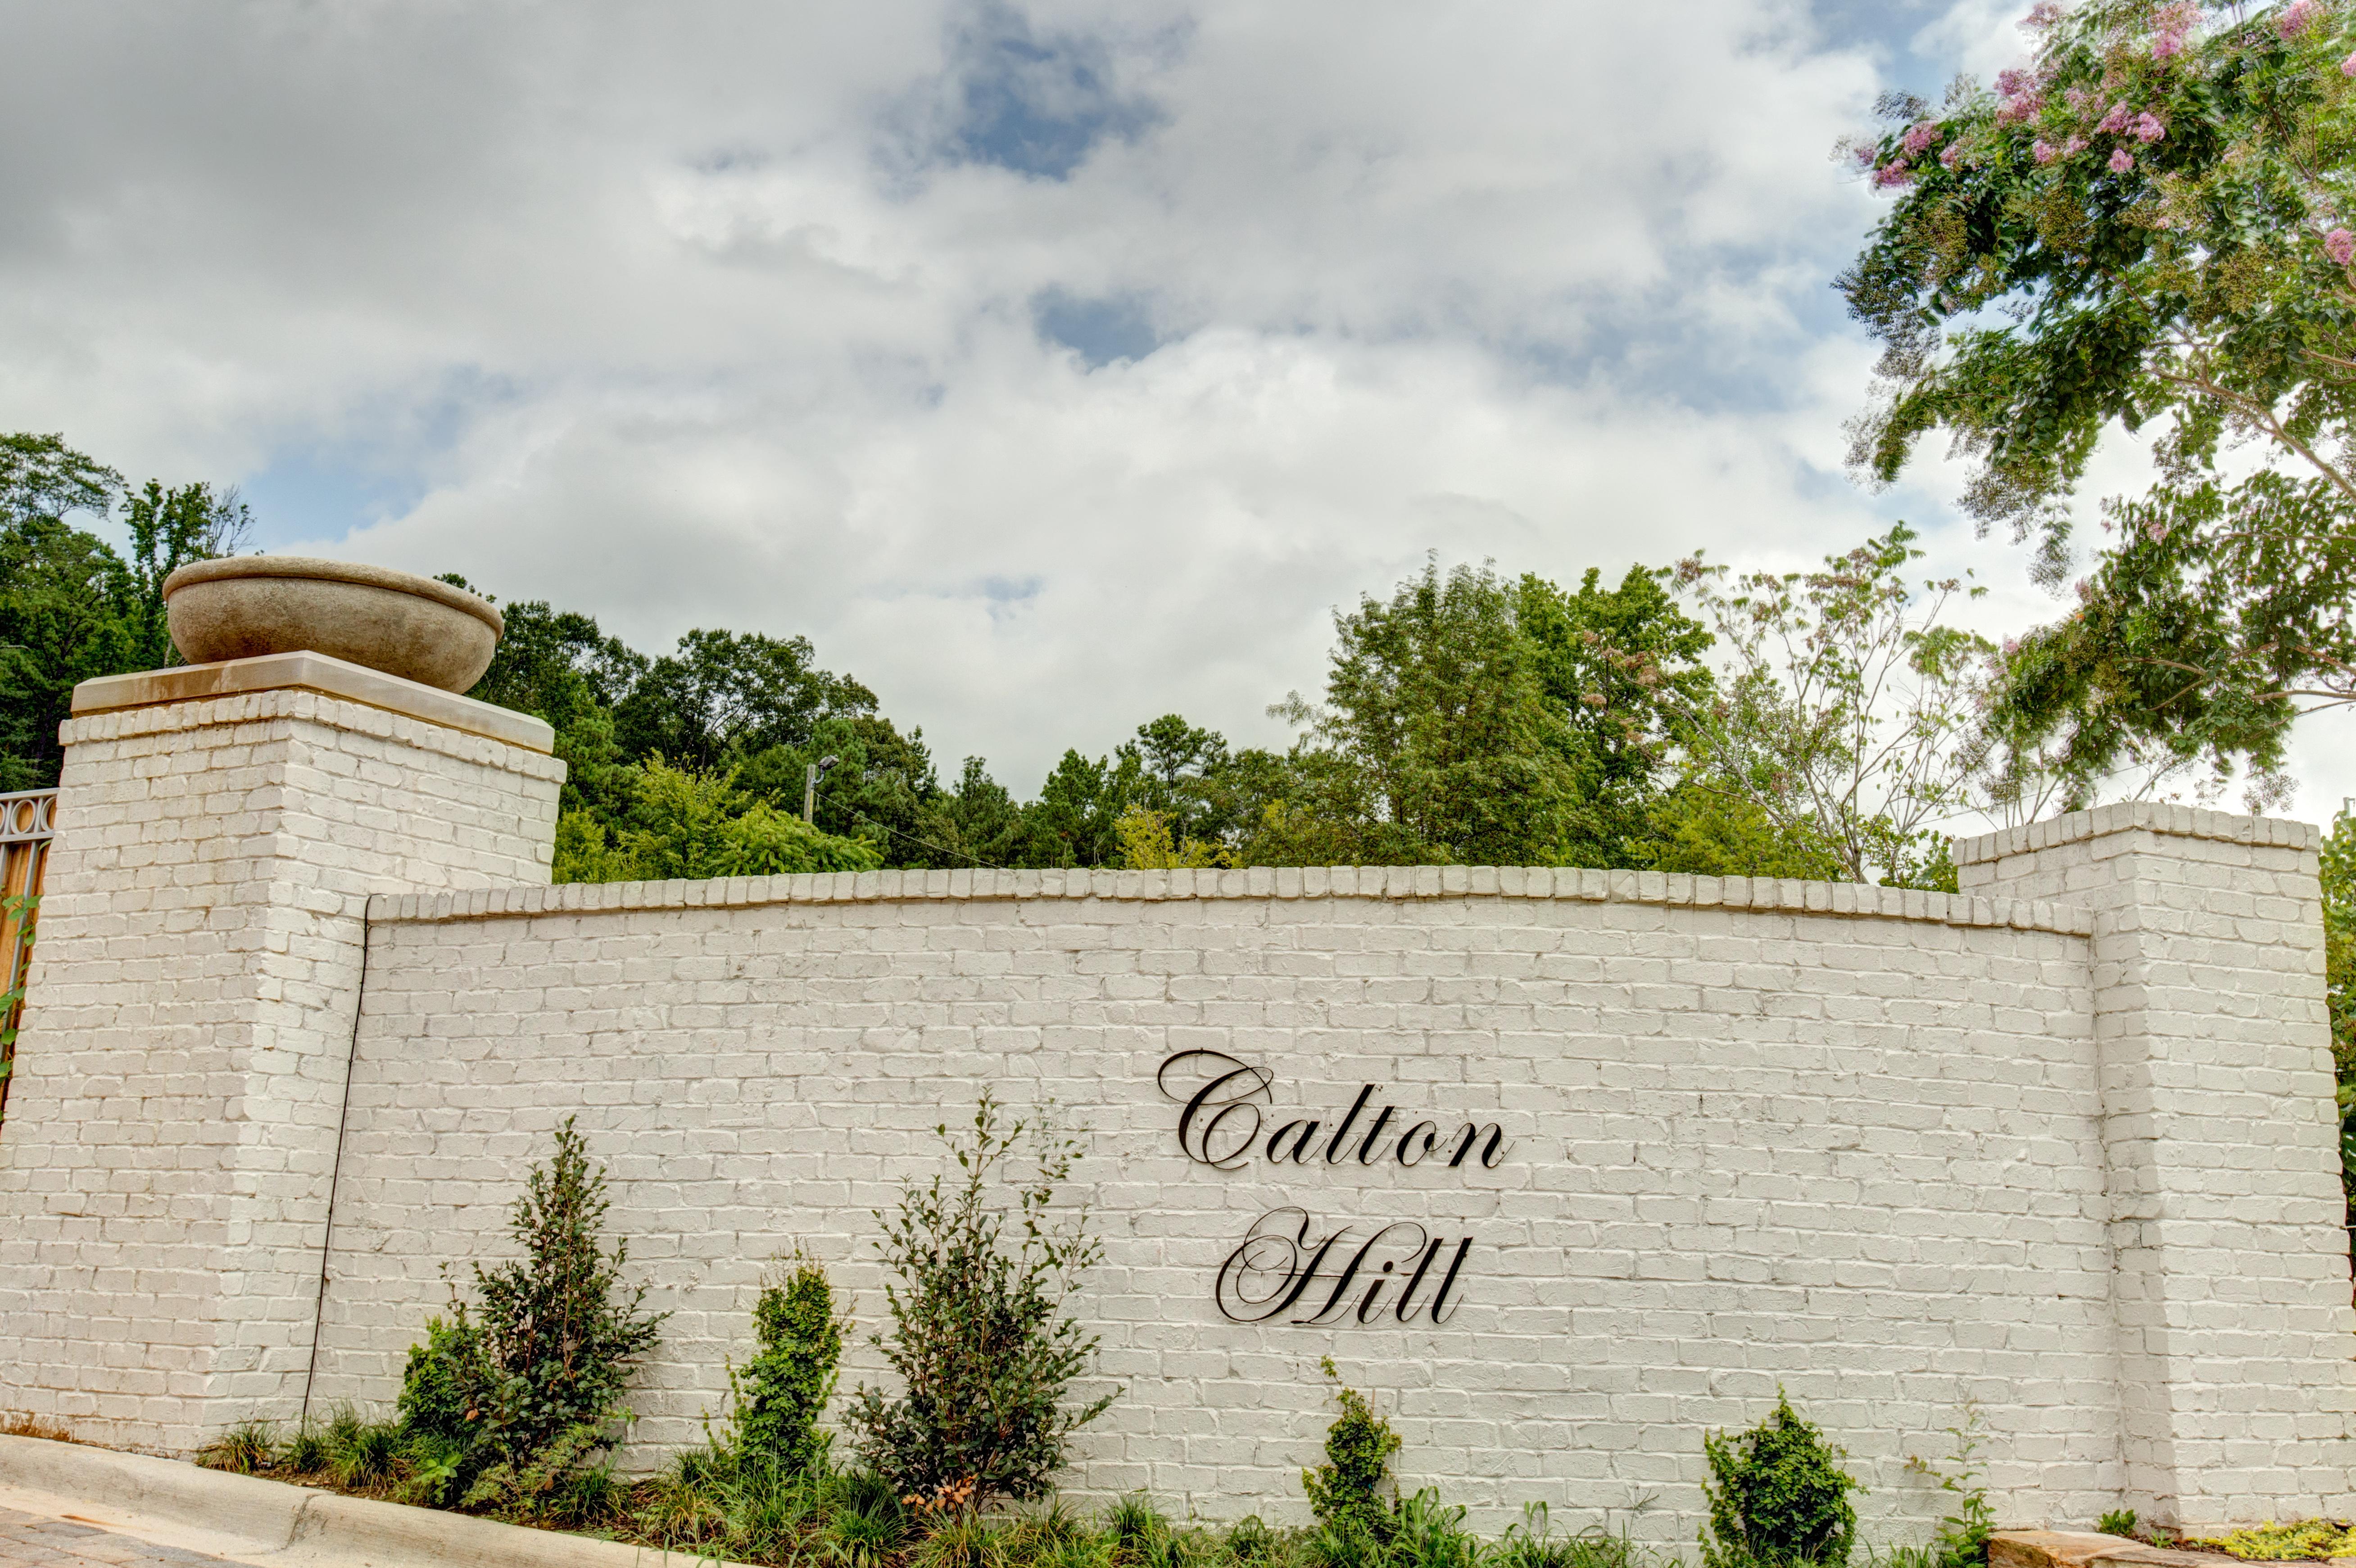 Calton Hill entrance